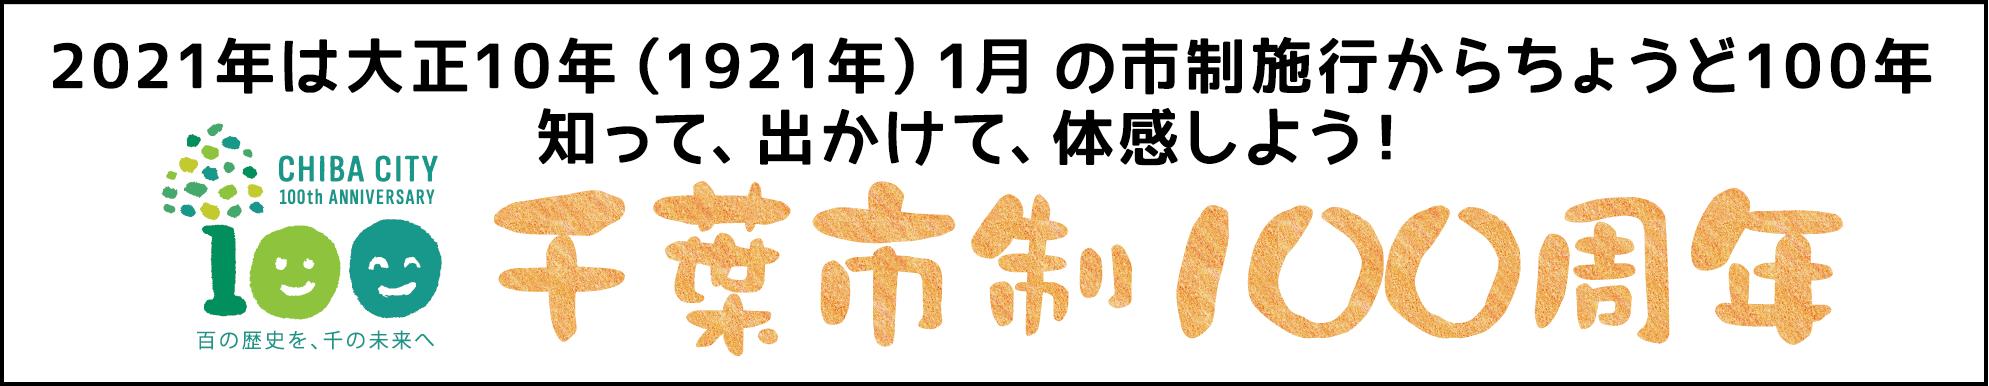 千葉市政100周年